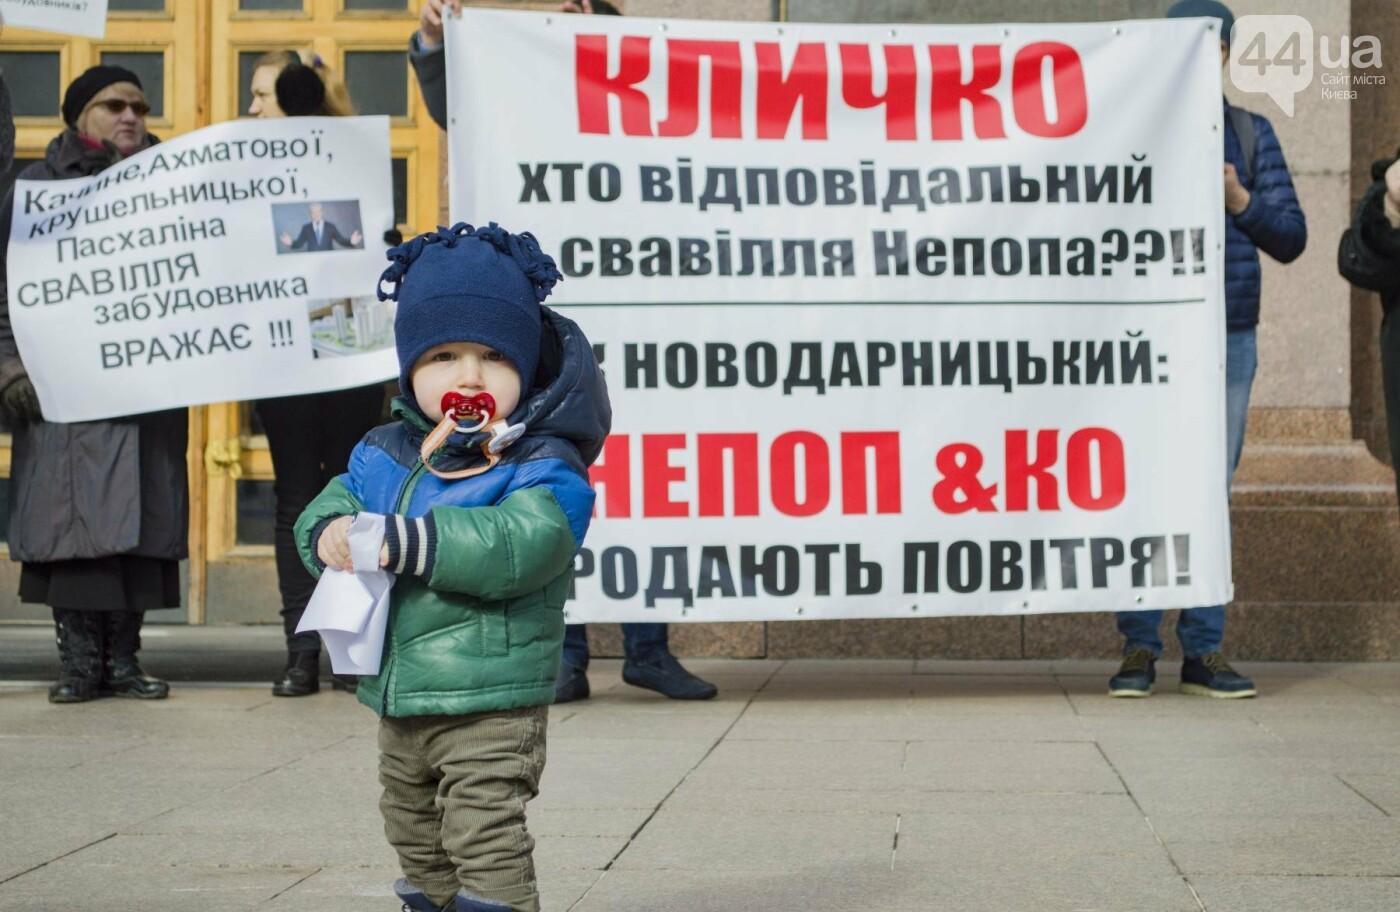 """""""Кличко, дострой ЖК"""": под мэрией обманутые инвесторы устроили митинг, фото-5"""